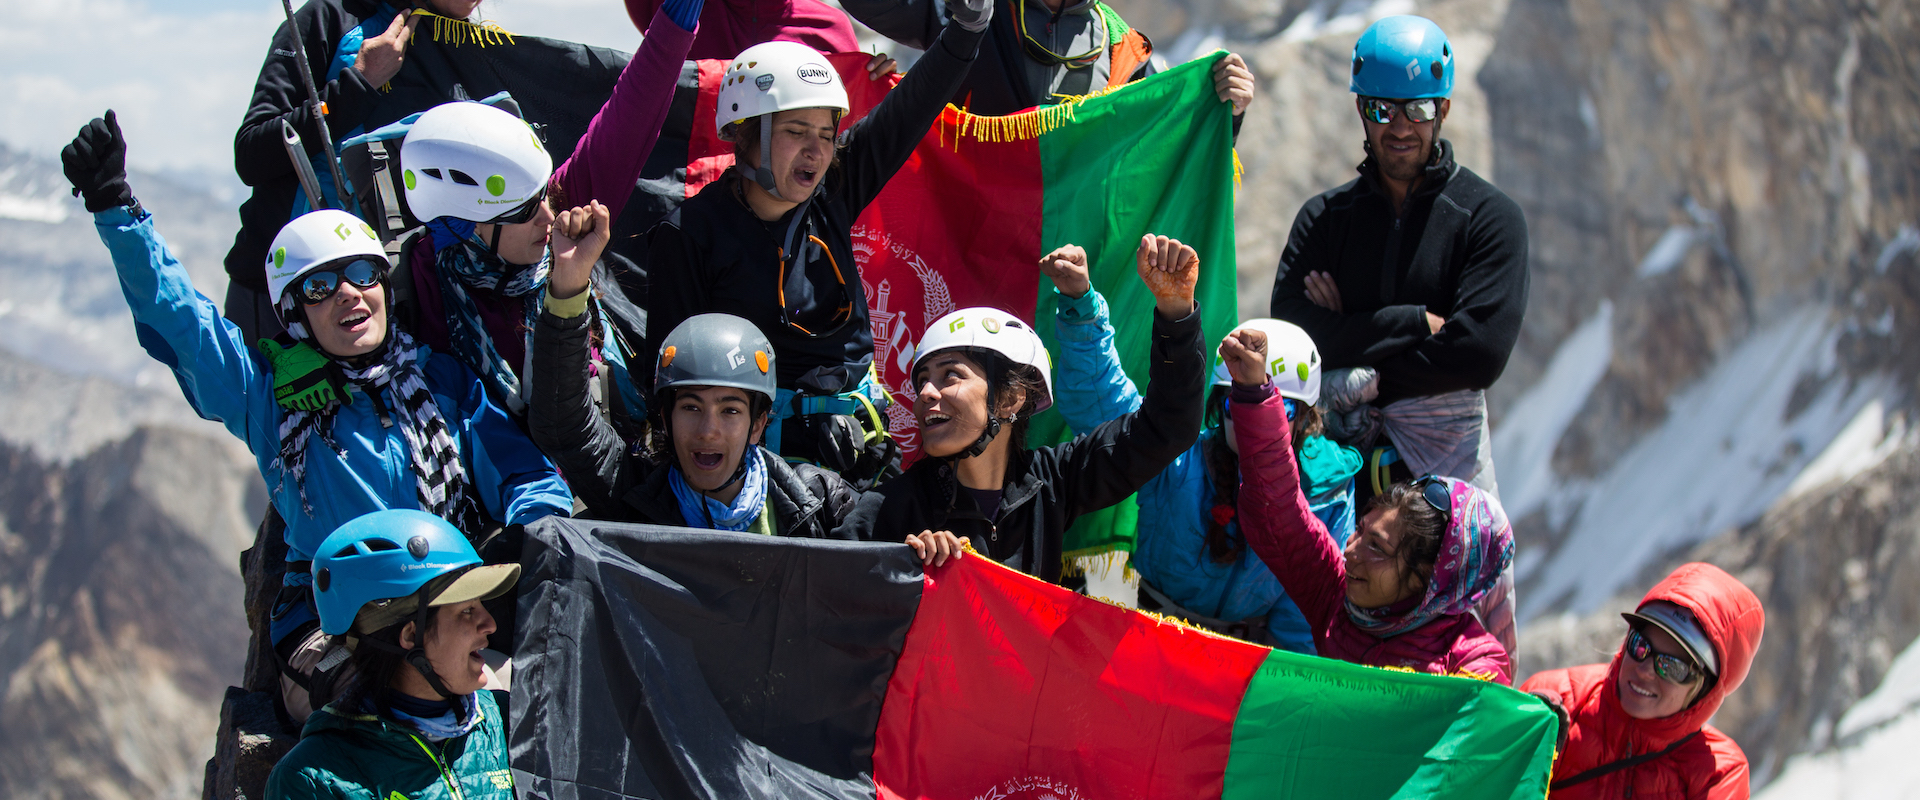 AscendingAfghanistan vimff 2019 title bg